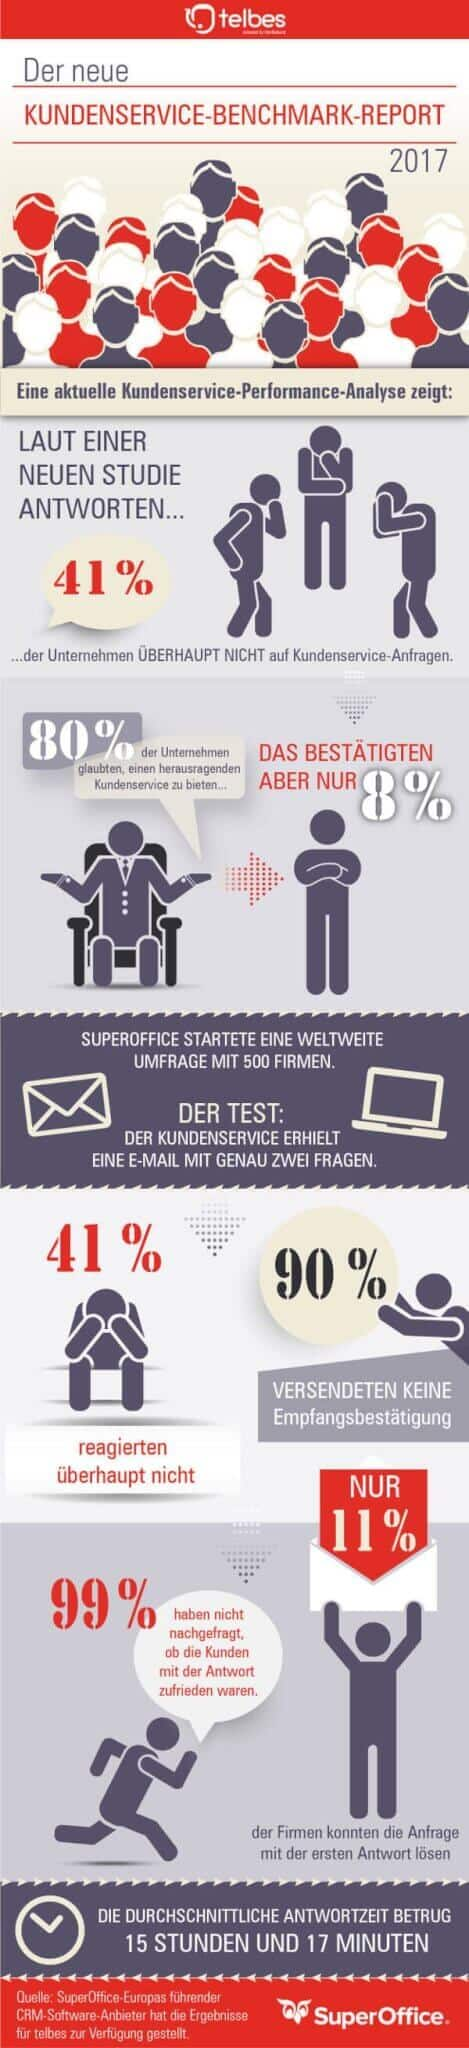 BenchmarkBericht2017_Infografik